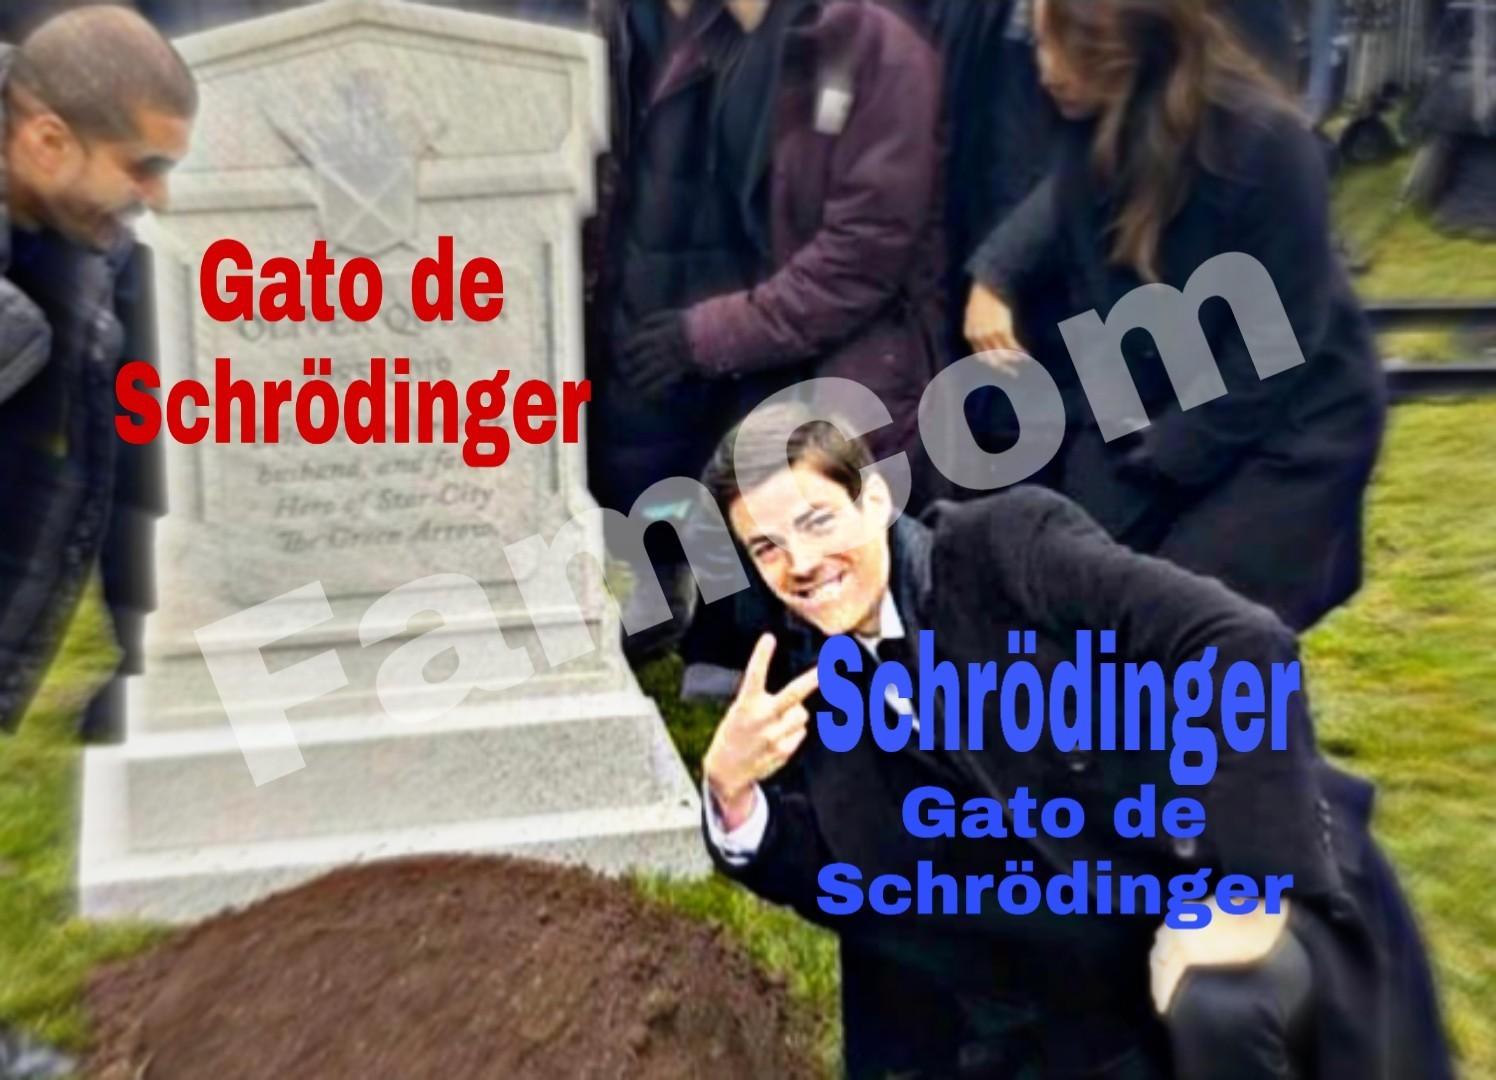 Mewdinger - meme